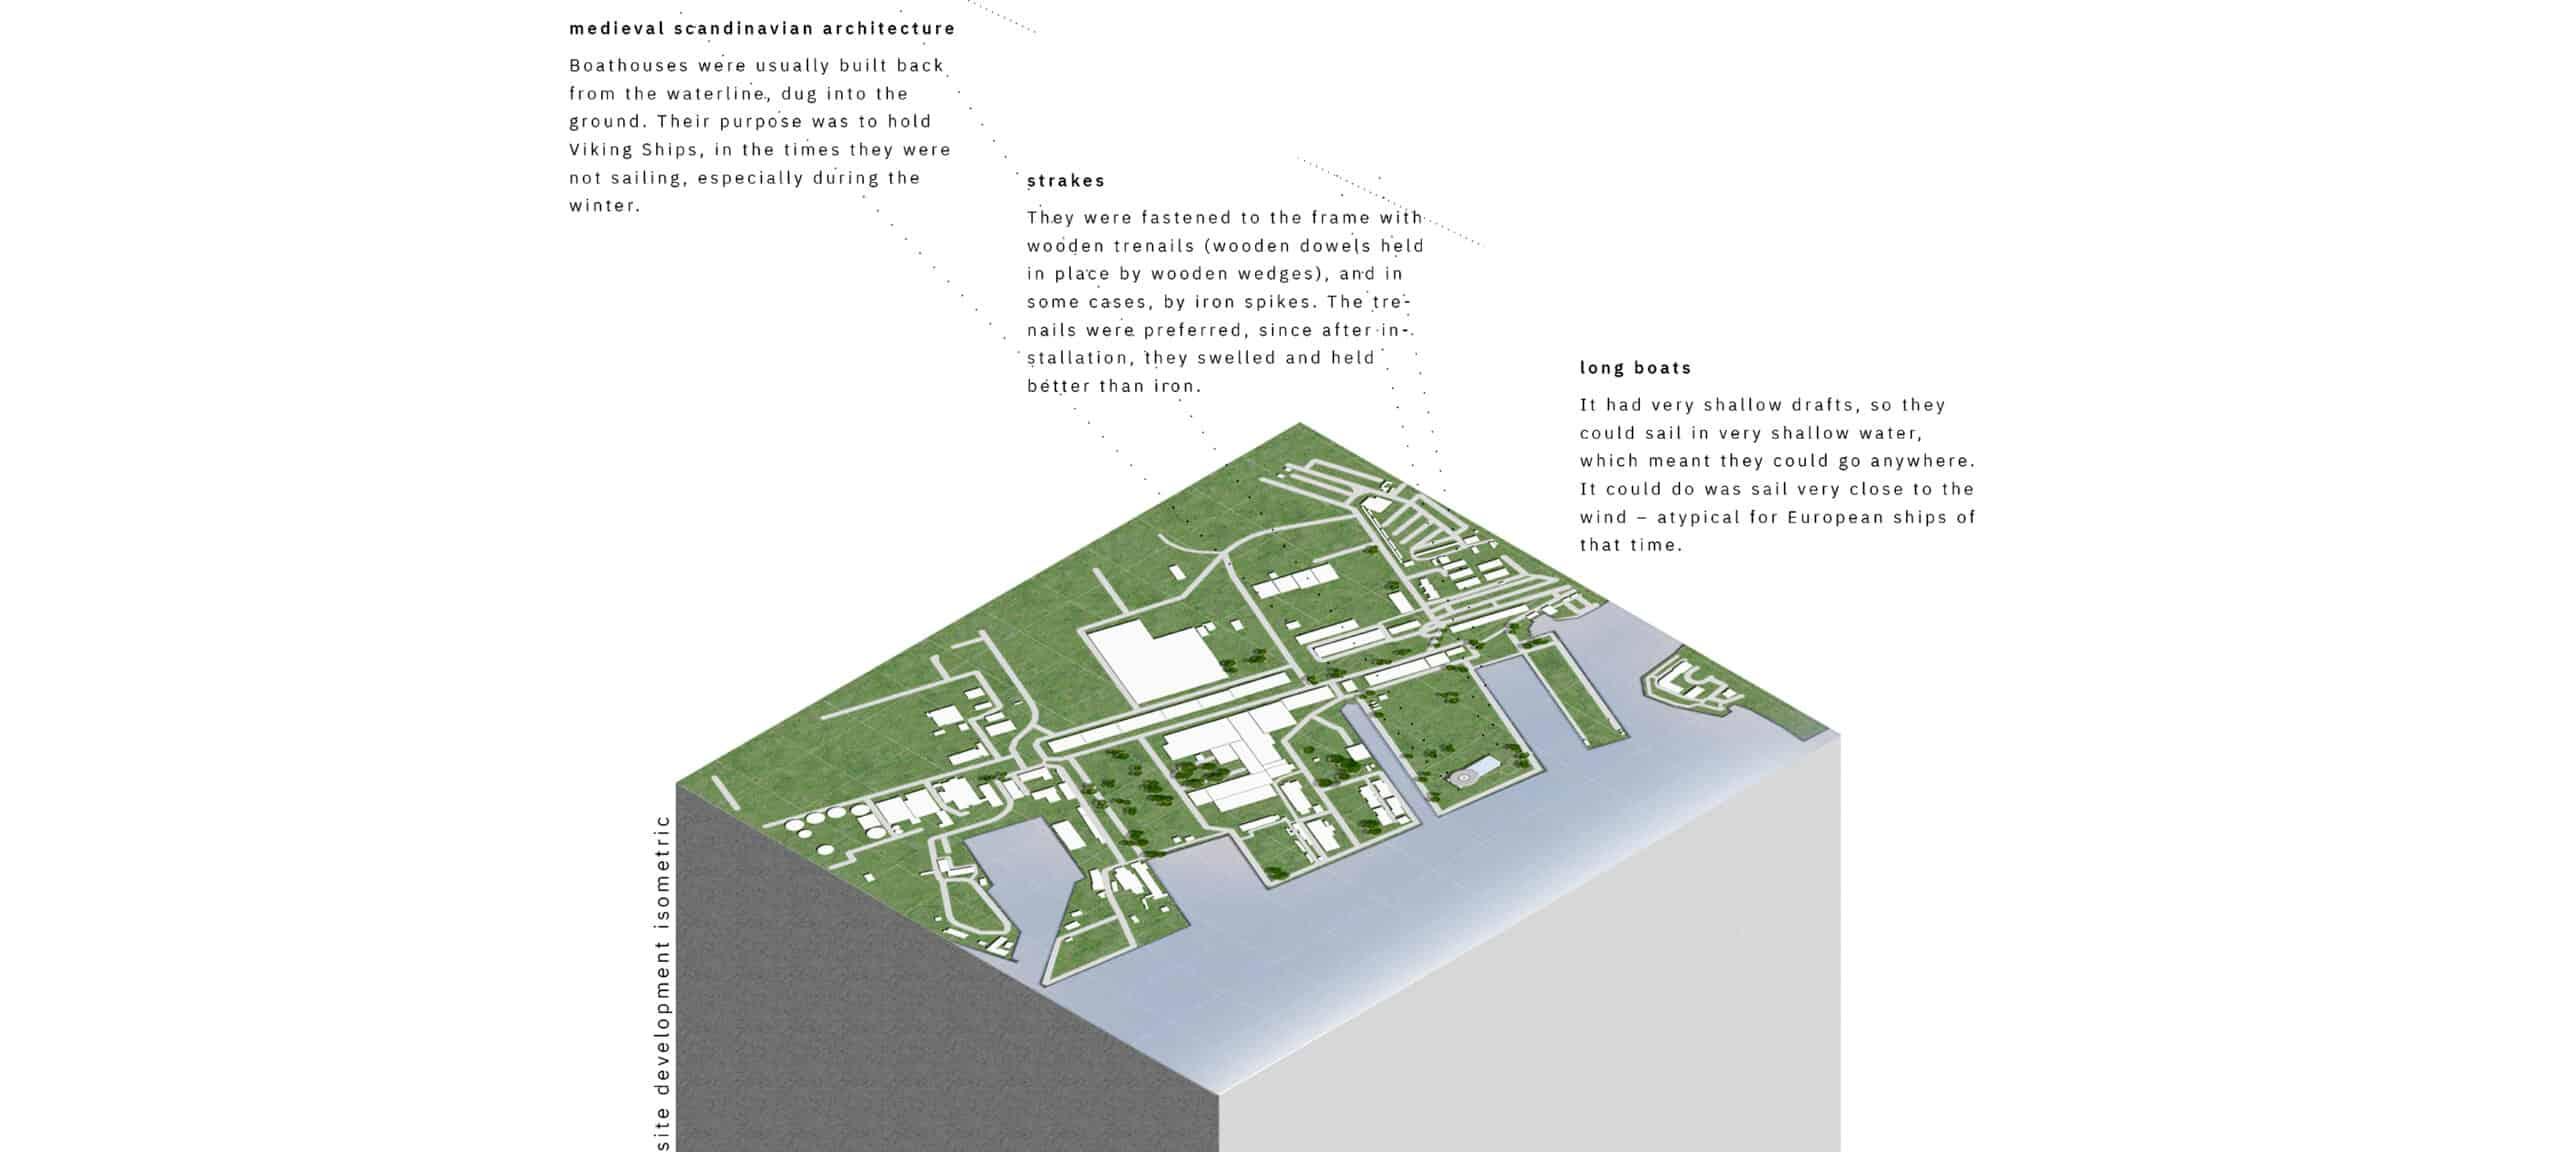 projet d'architecture en Danemark